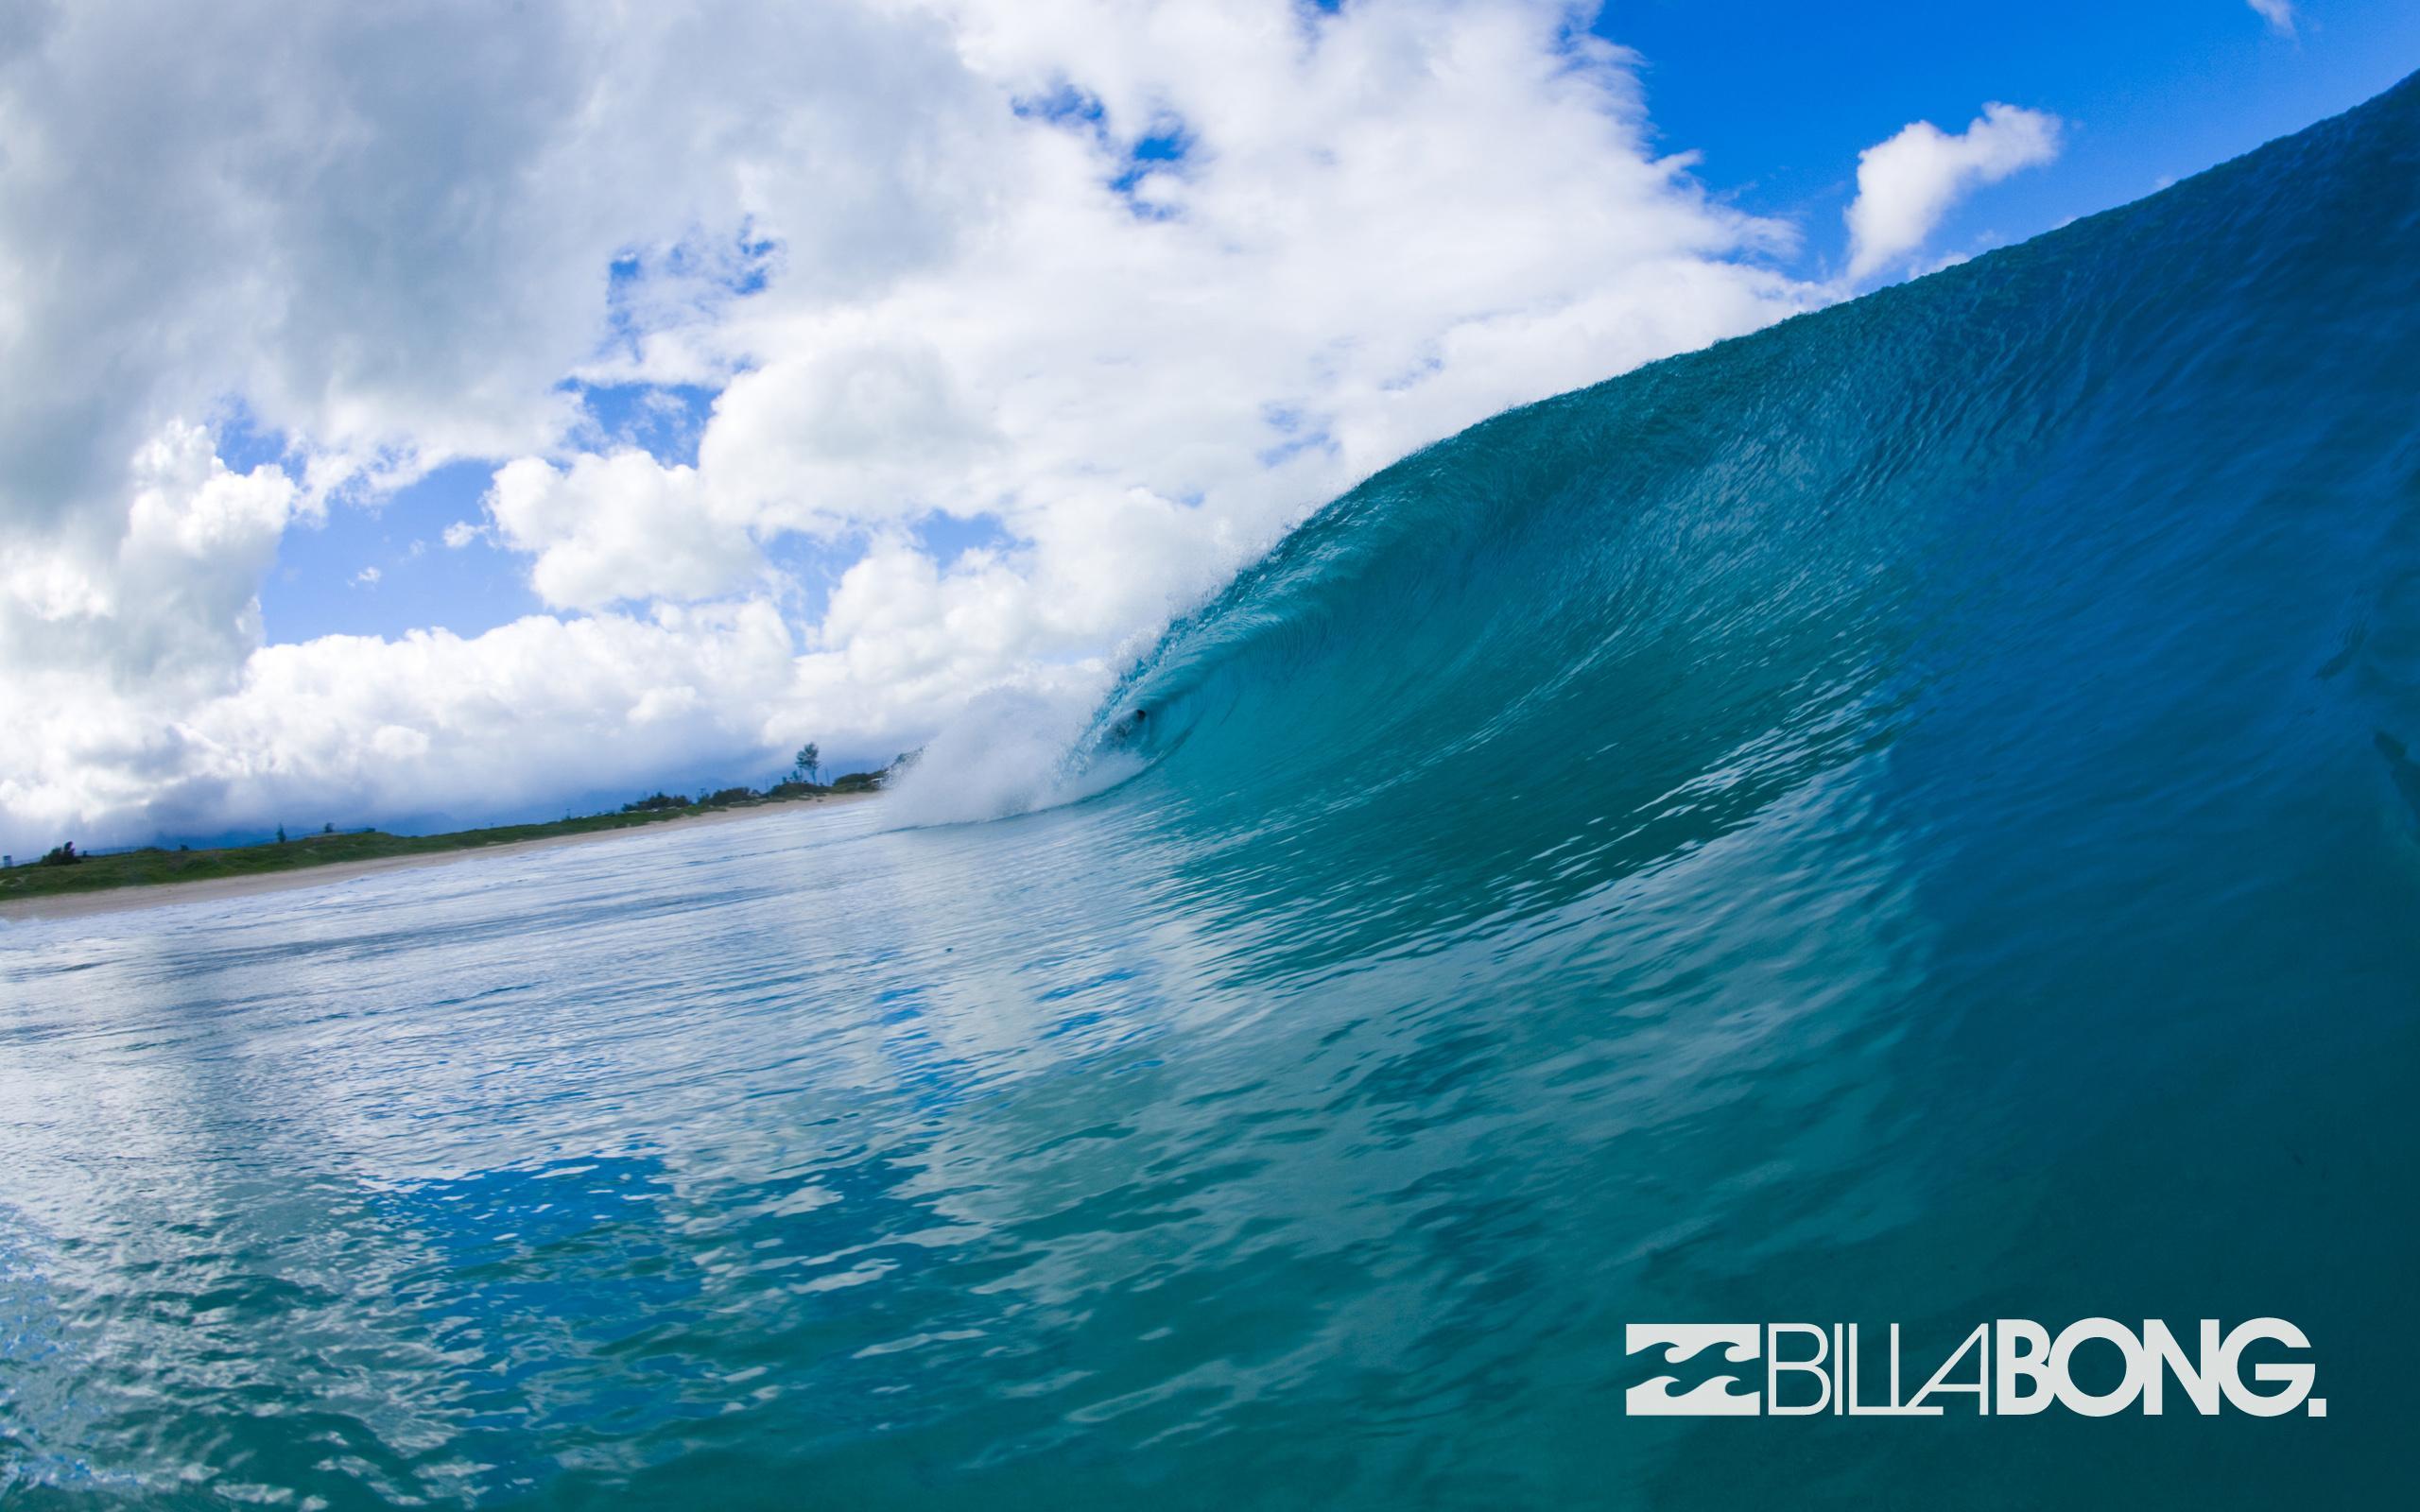 Surfer Girl Wallpaper 1440x900 Billabong Wallpaper 2560x1600 69140